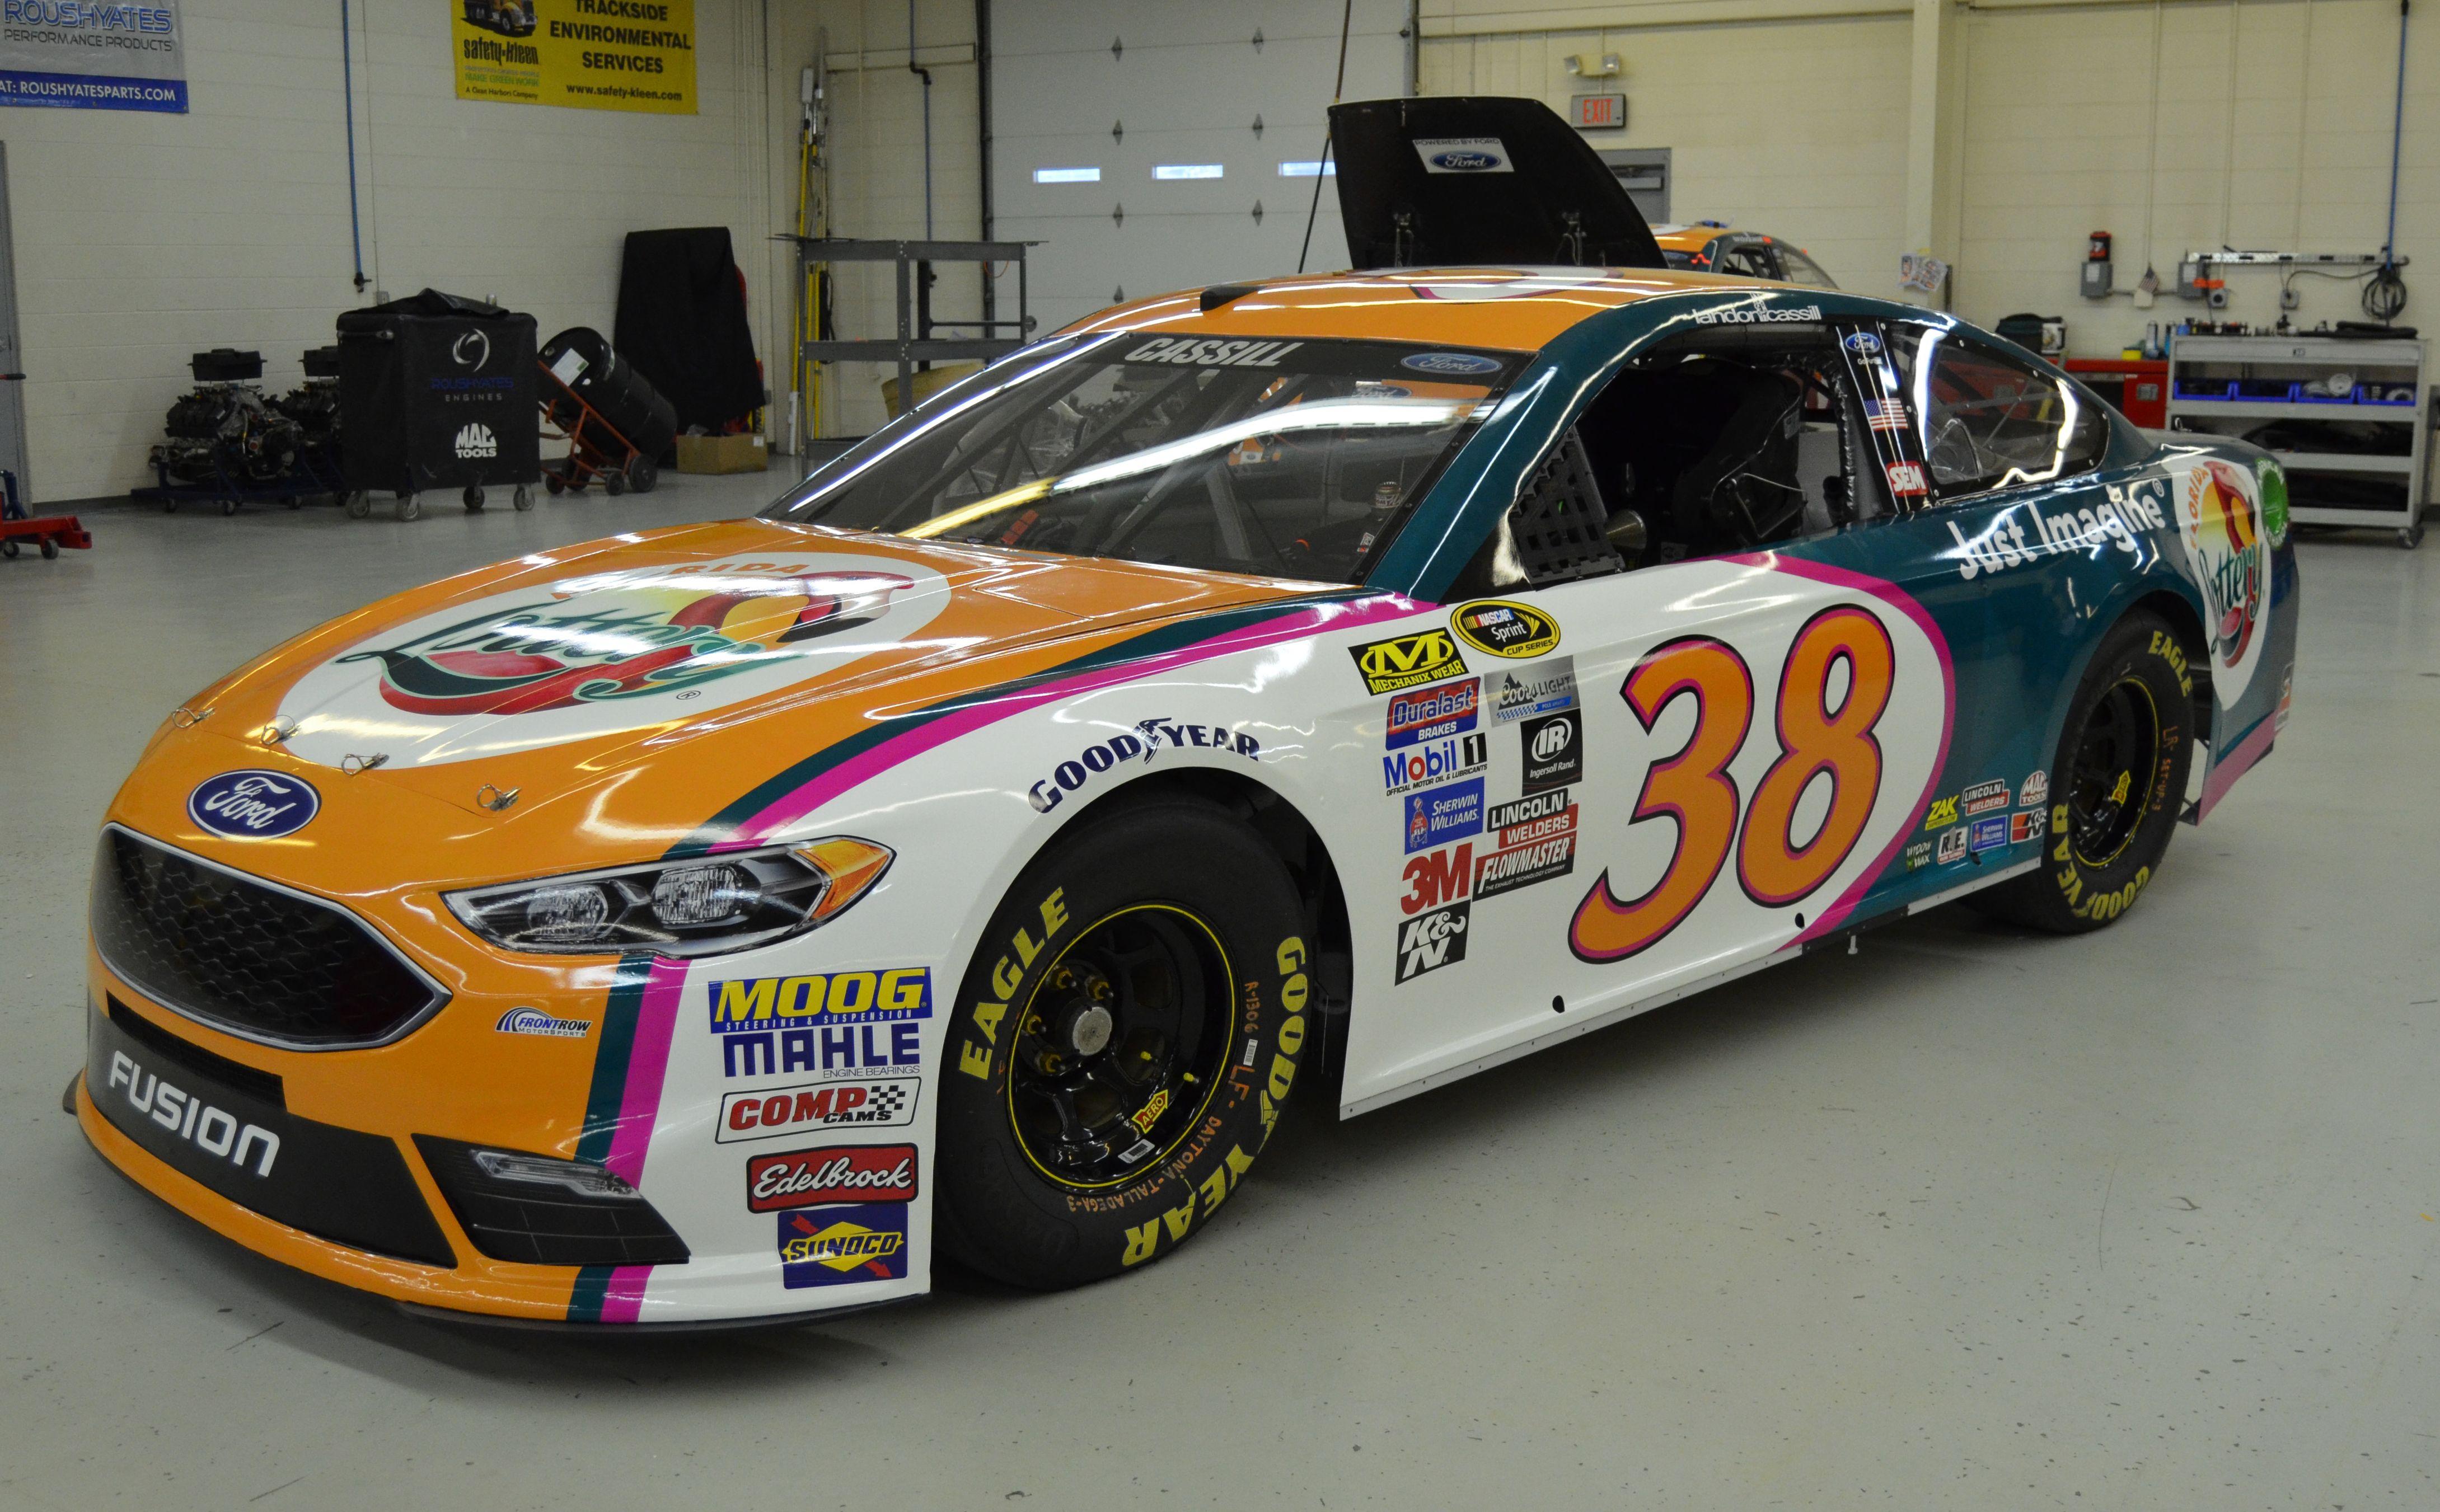 Drag race car paint schemes - Florida Lottery Joins Cassill For Daytona 500 Nascar Carsnascar Racingrace Carsdrag Racingfloridadaytona 500paint Schemesdirt